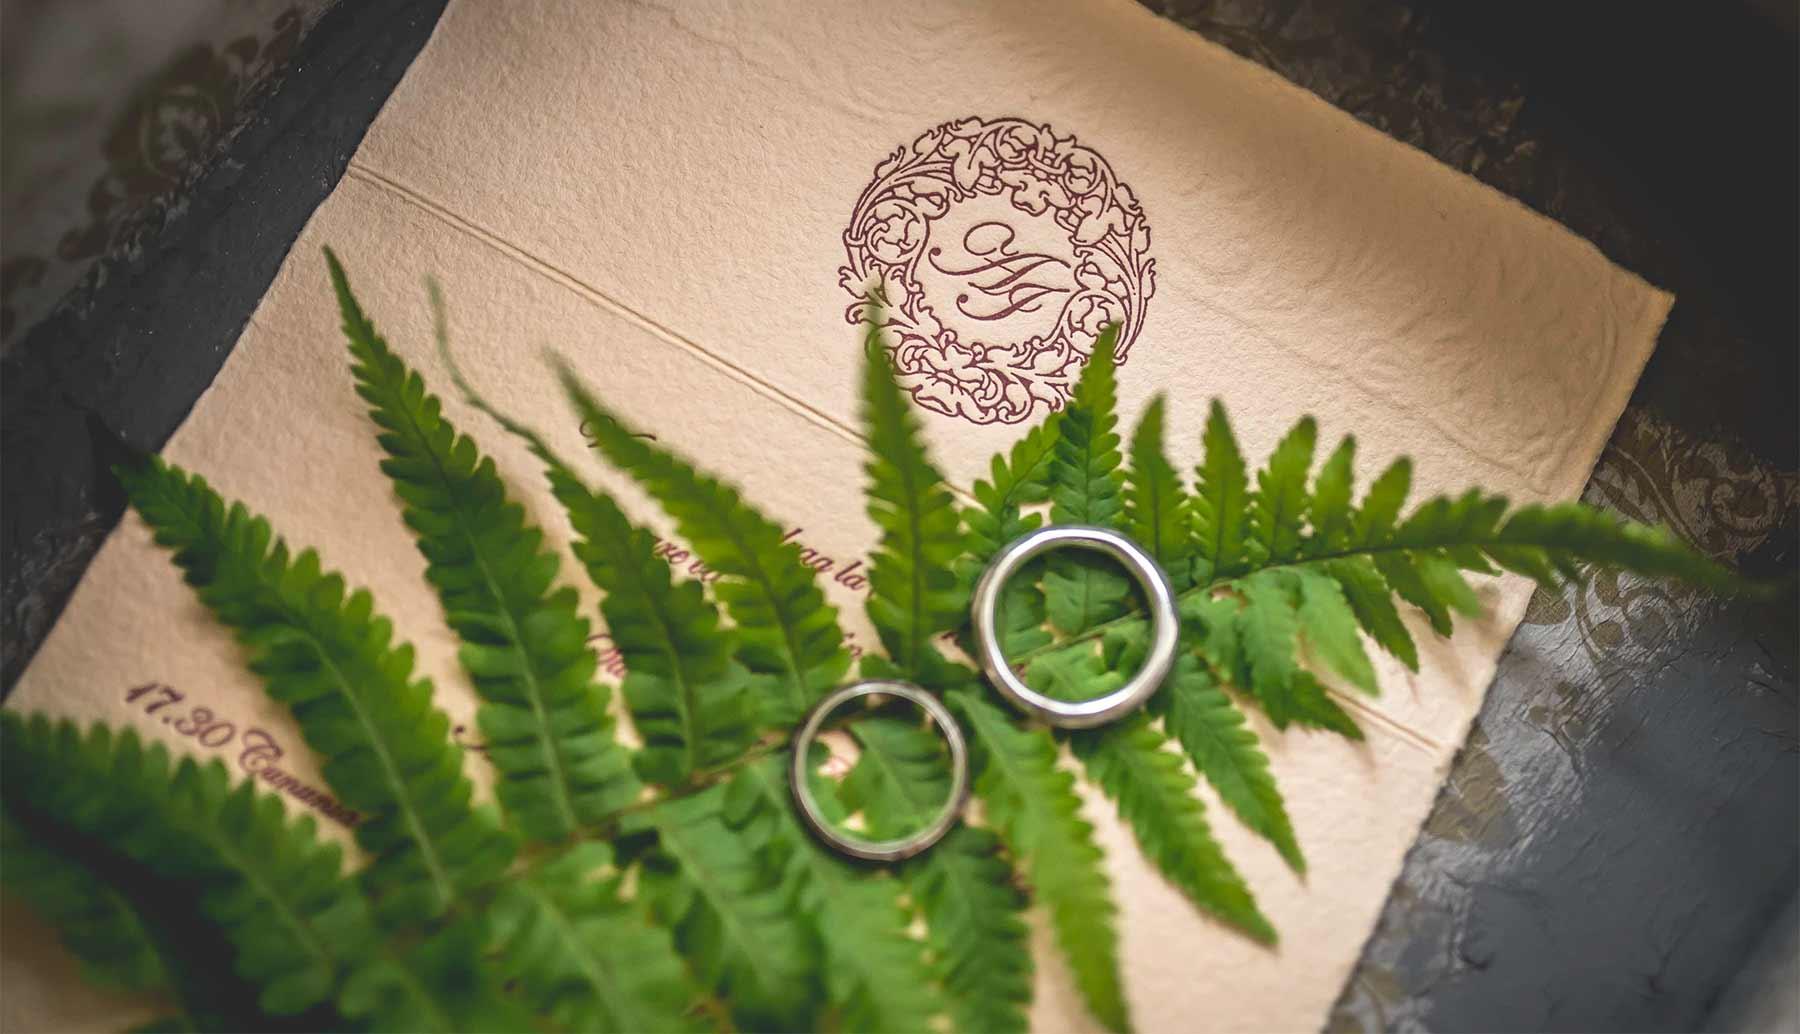 5 originelle Geschenkideen zur Hochzeit zur-hochzeit-beitragen